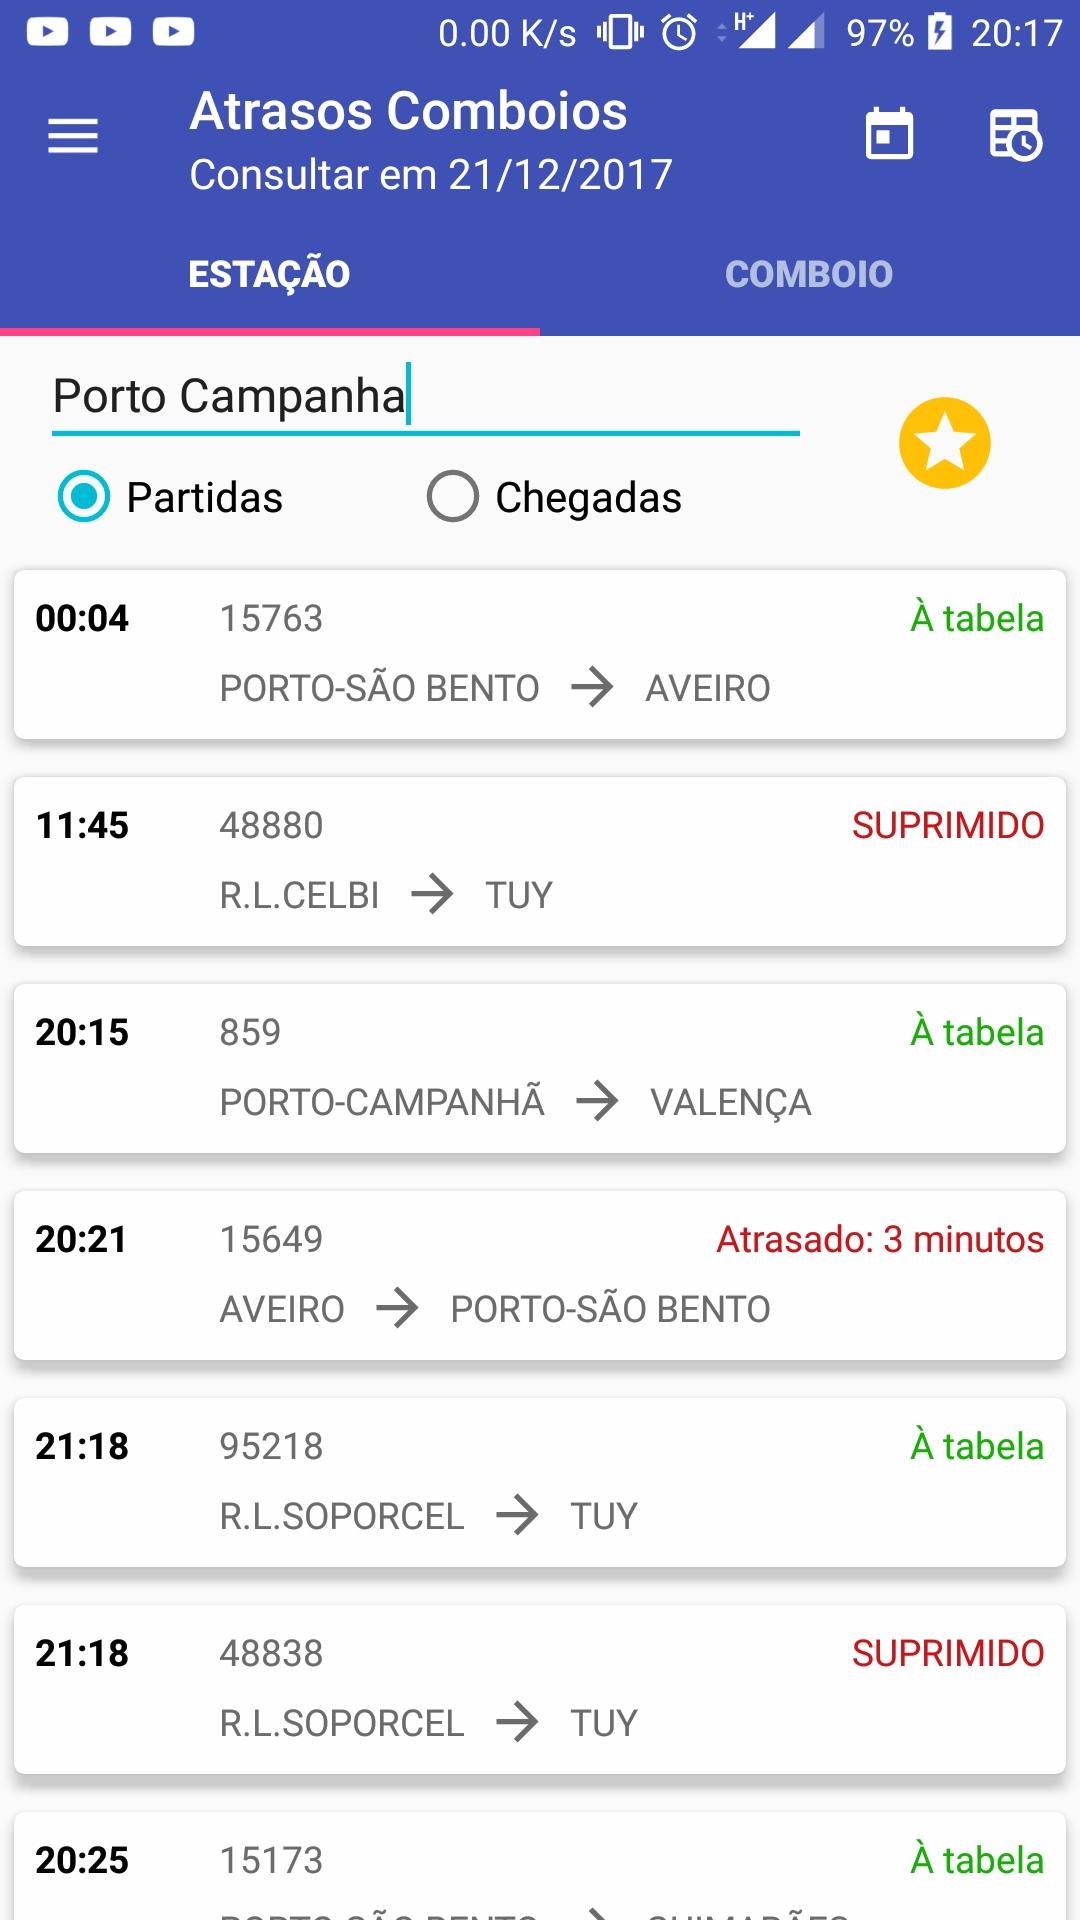 Atrasos Comboios